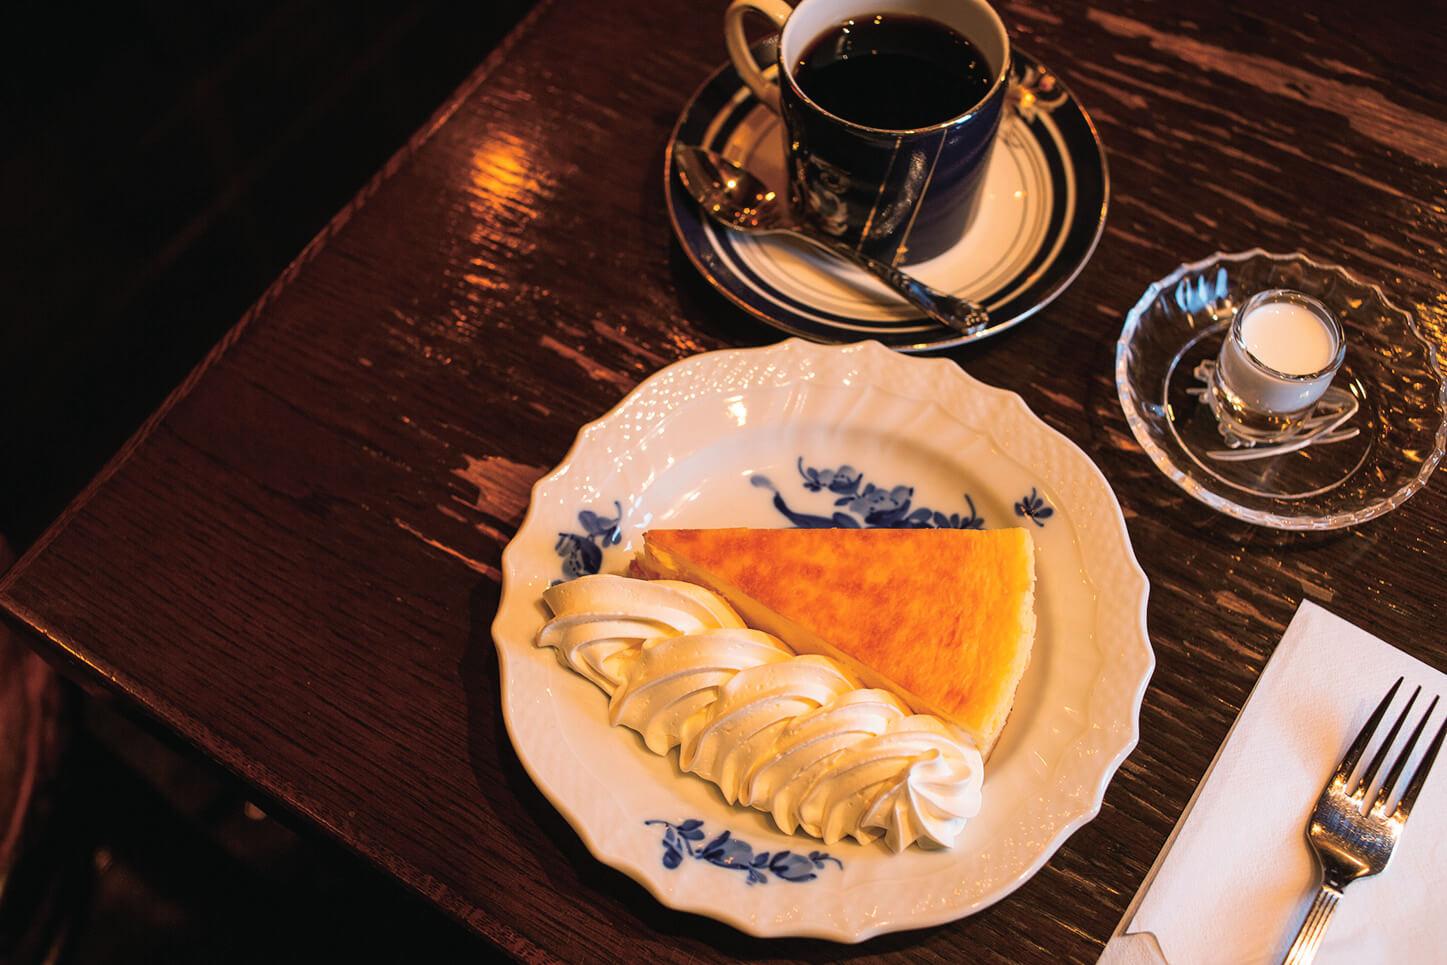 ホイップをたっぷり付けて食べたい、自家製のニューヨークチーズケーキのセット950円(単品は500円)。アイスは+50円。